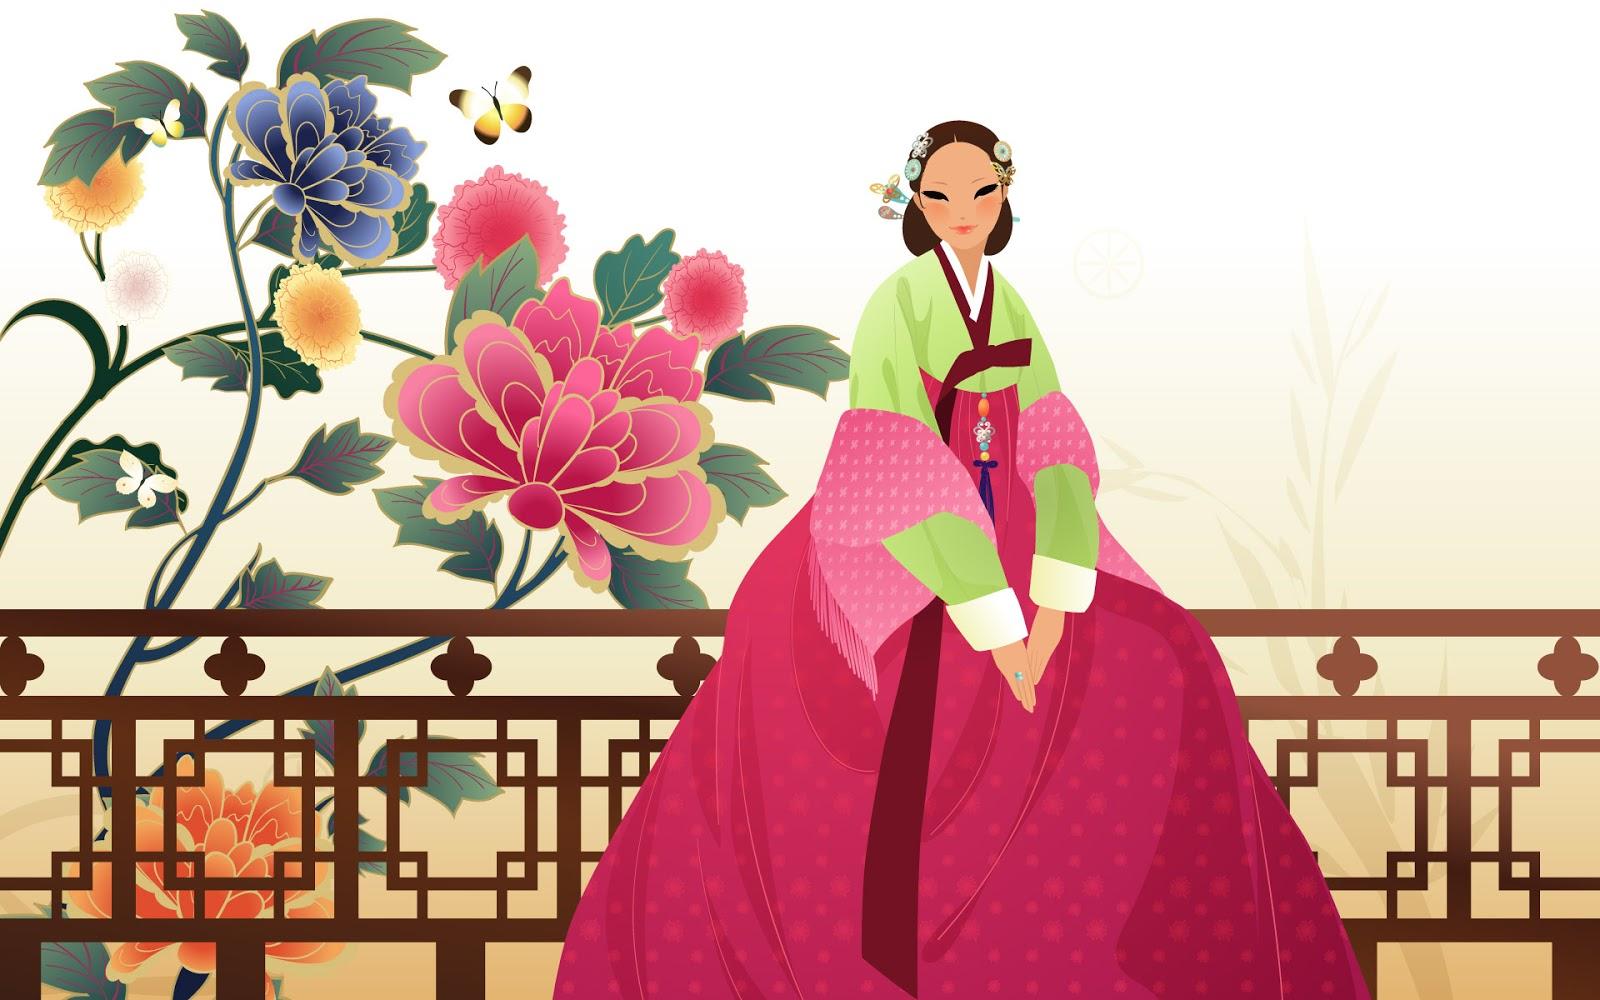 Gambar Kartun Animasi Korea Bergerak | Design Kartun.